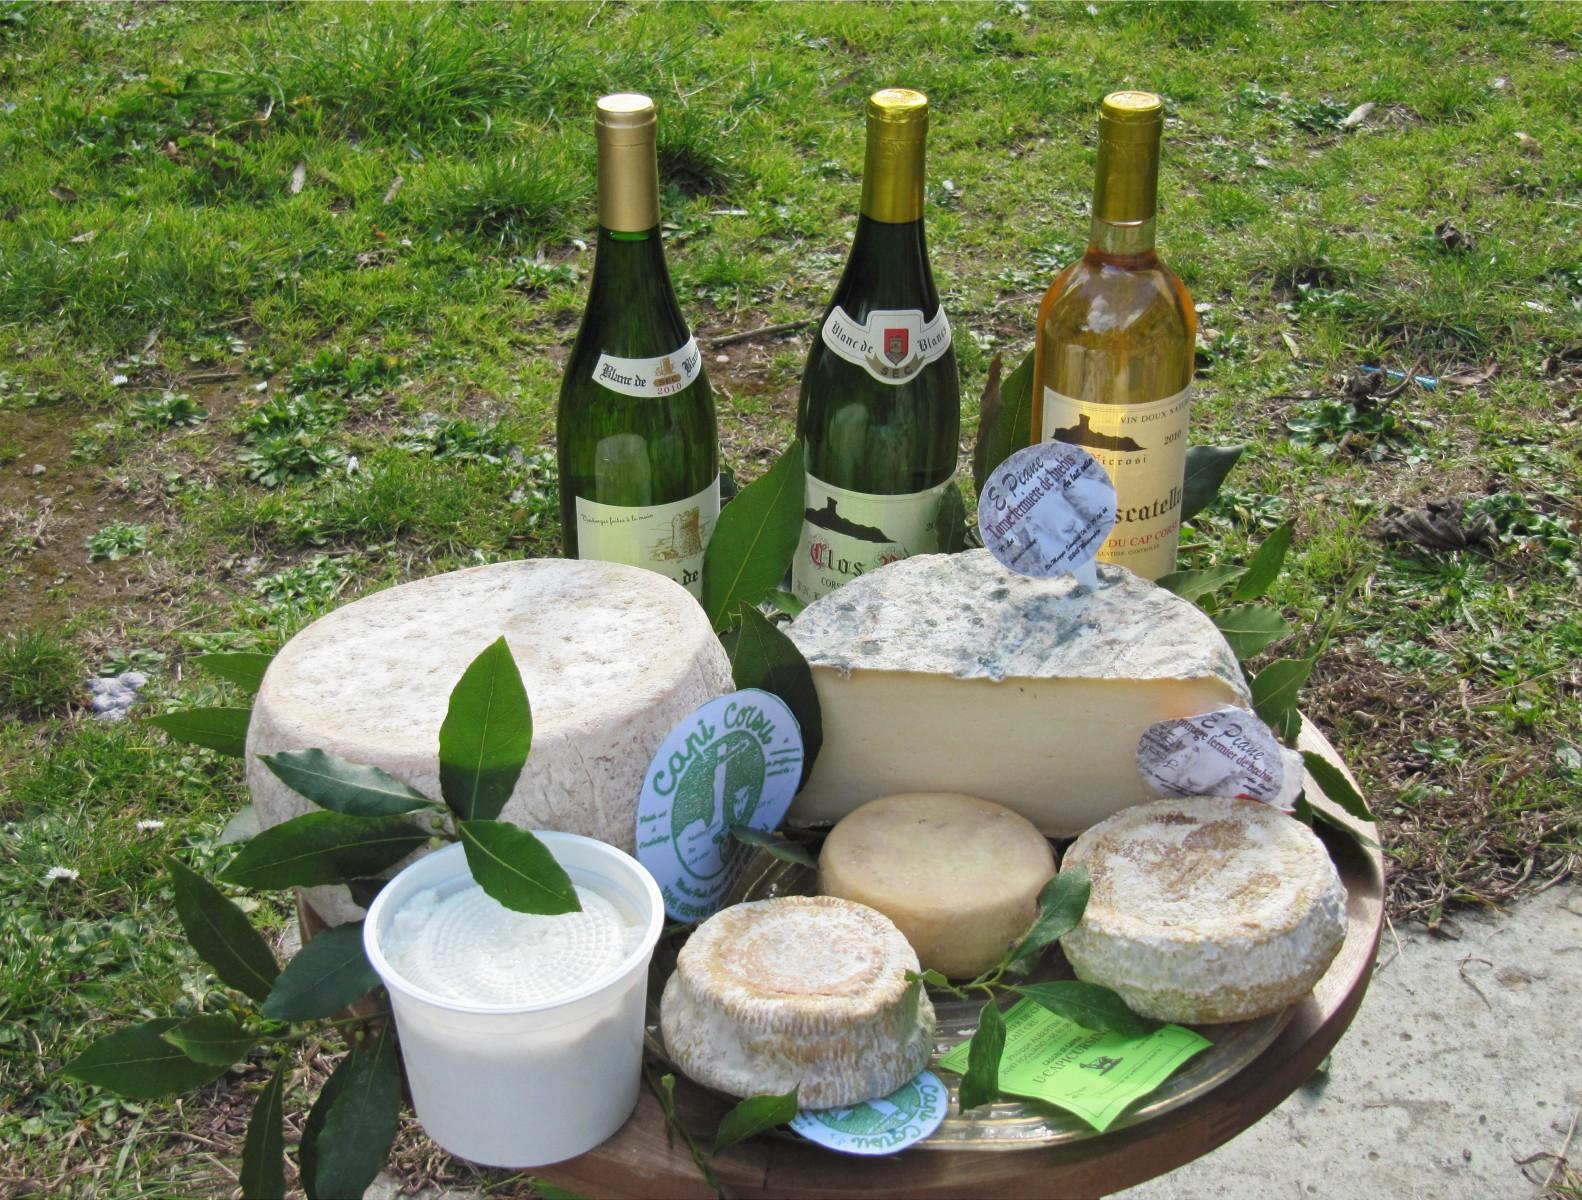 Fromage de Chèvres Sant\'Antoninu - Ersa - Cap Corse